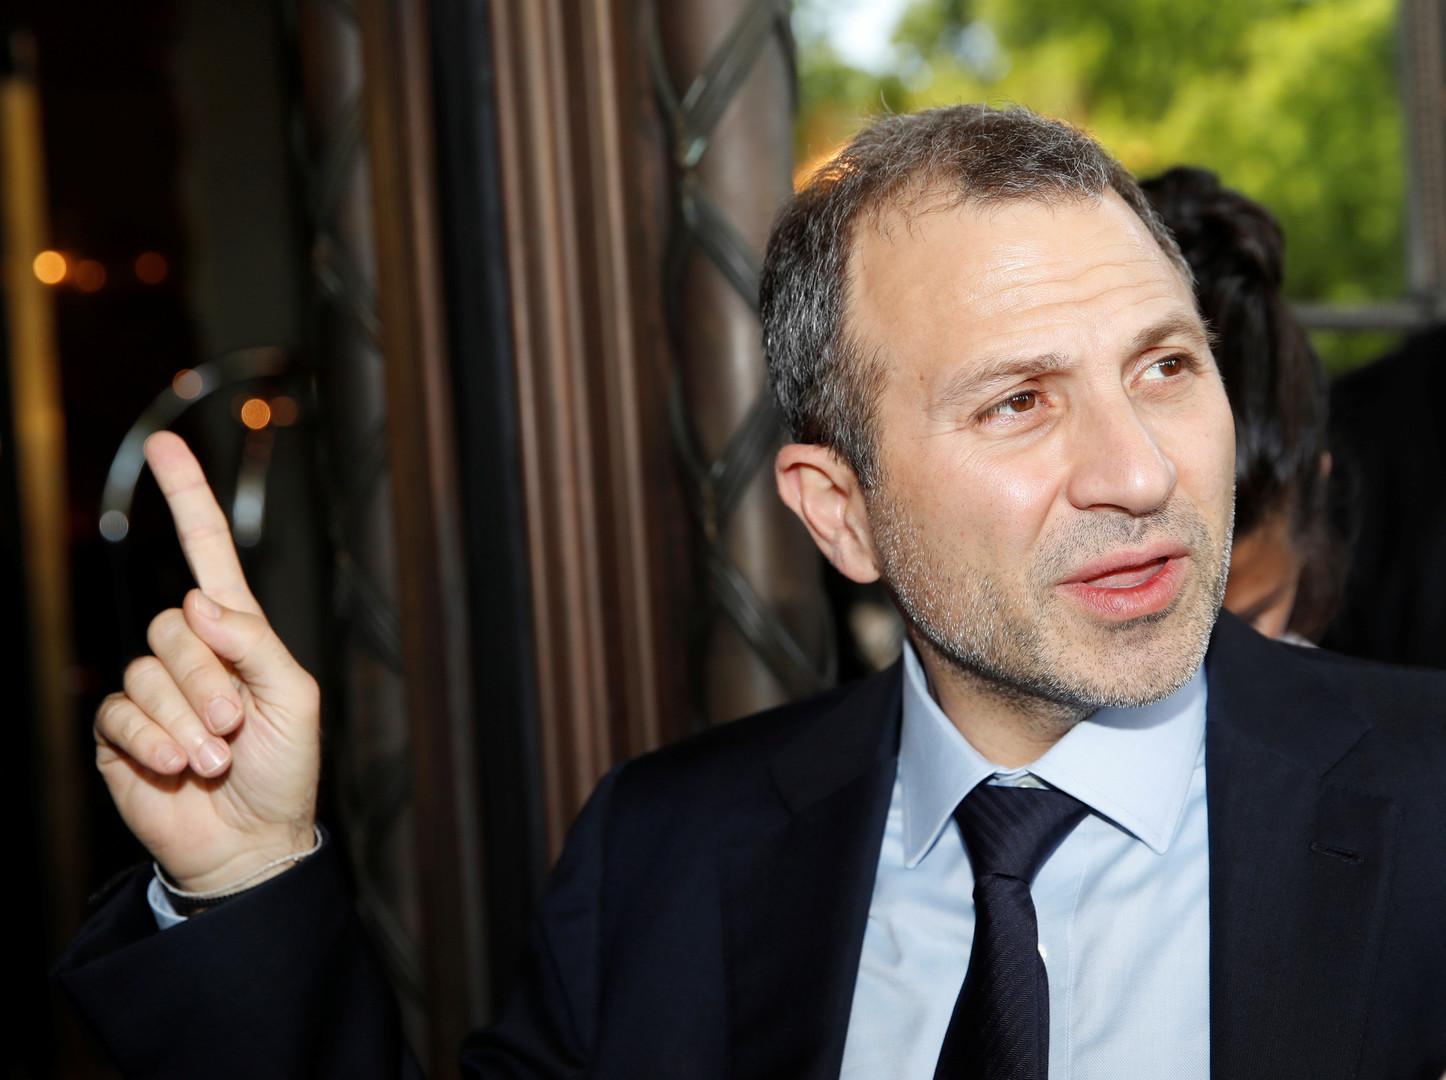 شاهد.. انسحاب وزير خارجية لبنان من مؤتمر أمريكي عند بدء كلمة نظيره الإسرائيلي